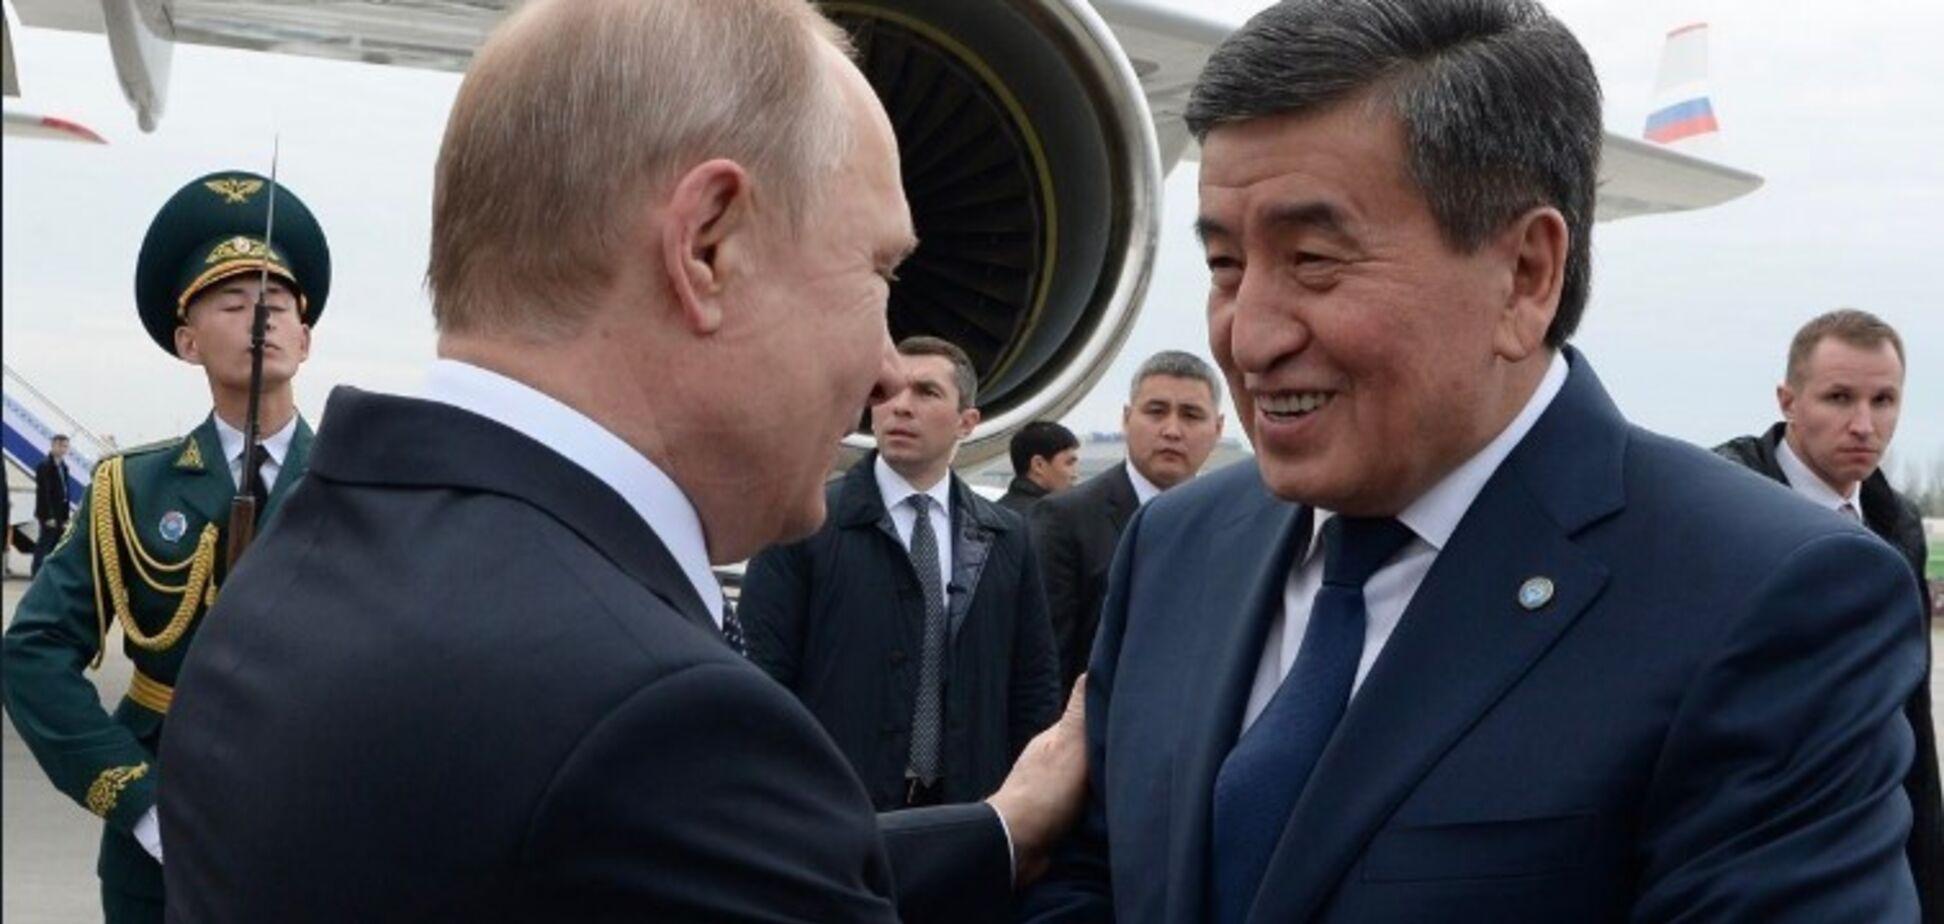 'Знову знайшов хлопчика!' Поведінка Путіна викликала глузування у мережі